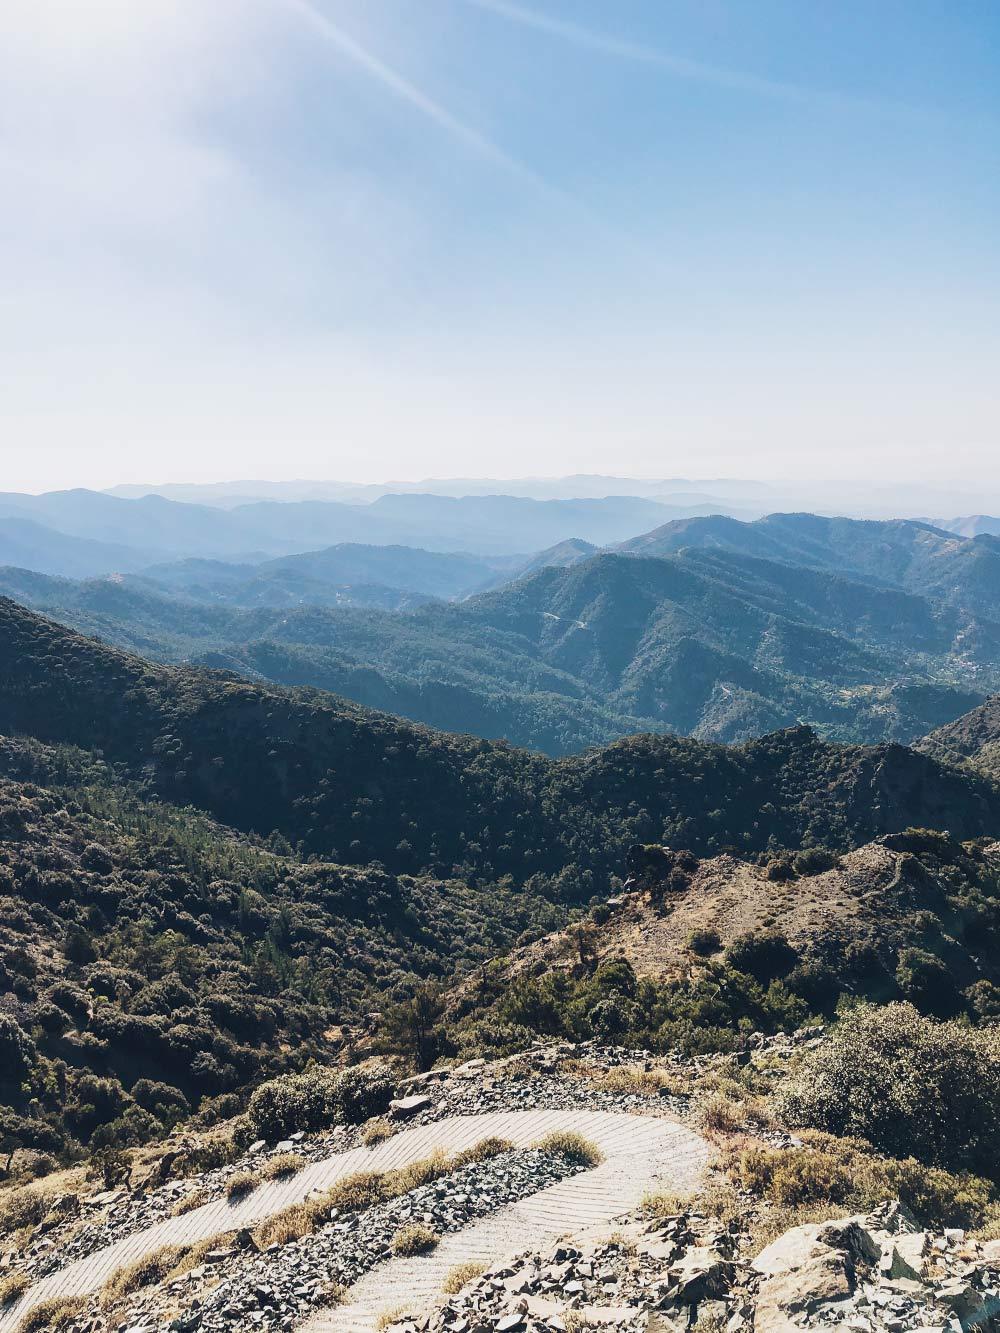 Любим ездить в горы, особенно летом, когда днем на побережье невыносимо жарко